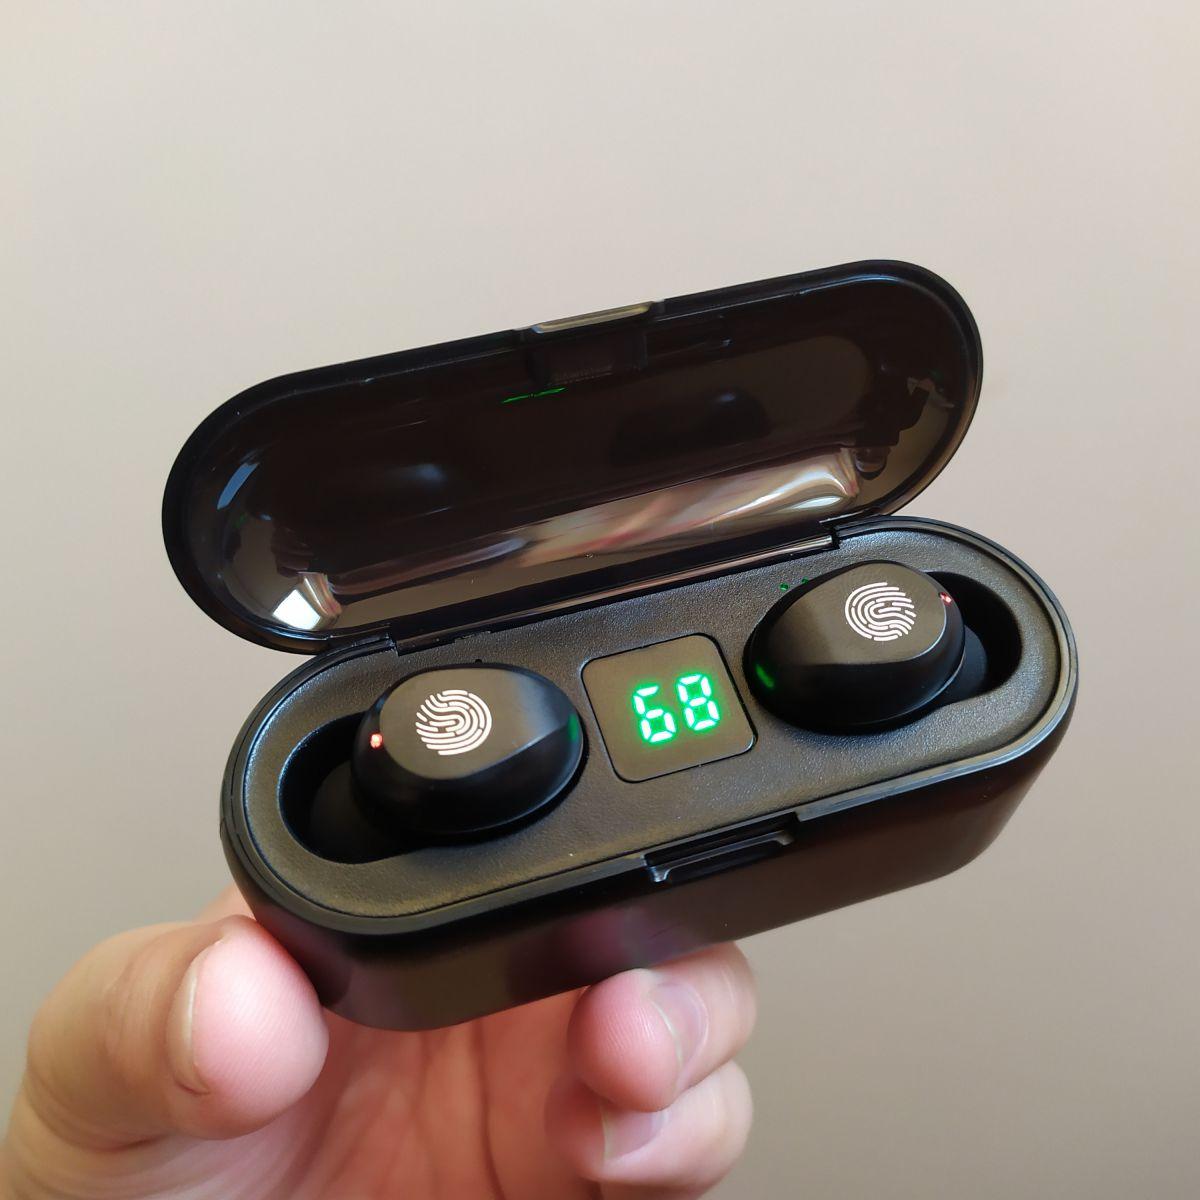 Hướng dẫn sử dụng tai nghe Amoi F9 chính hãng chi tiết - TIN CÔNG NGHỆ